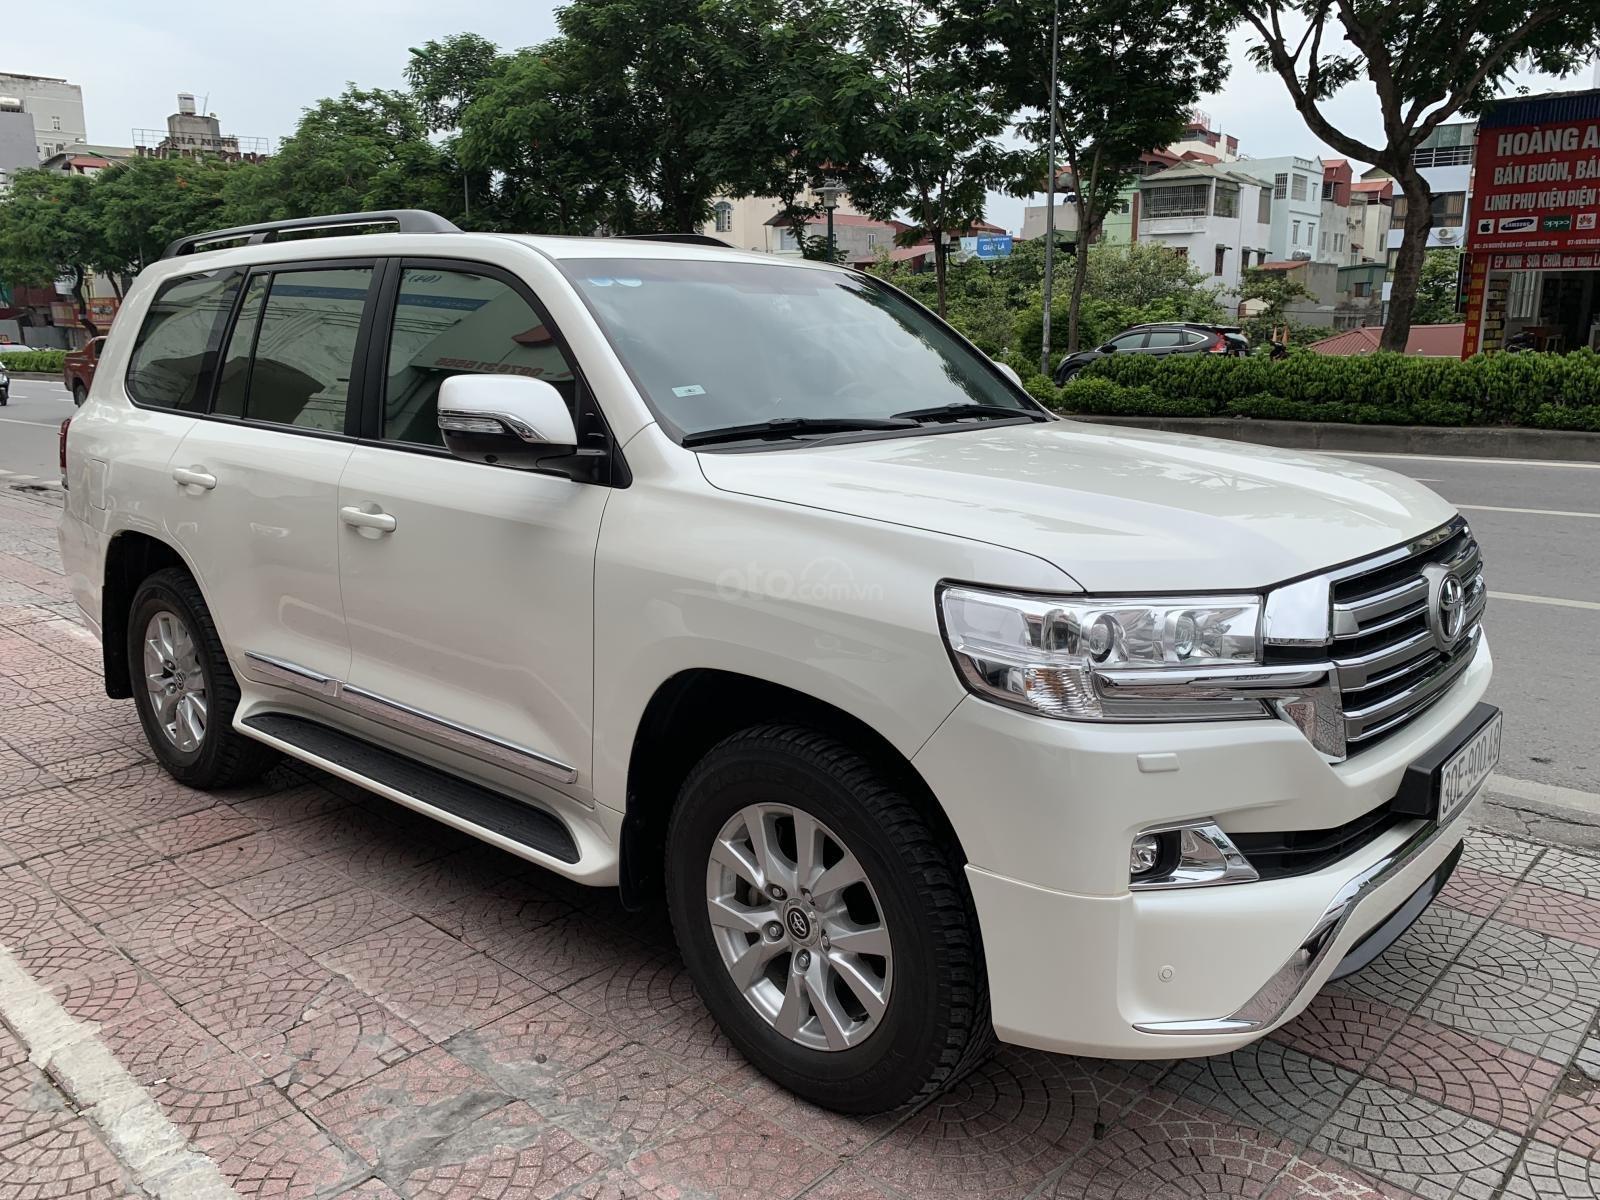 Bán xe Toyota Land Cruiser 4.5 2016, màu trắng, nhập khẩu nguyên chiếc (3)